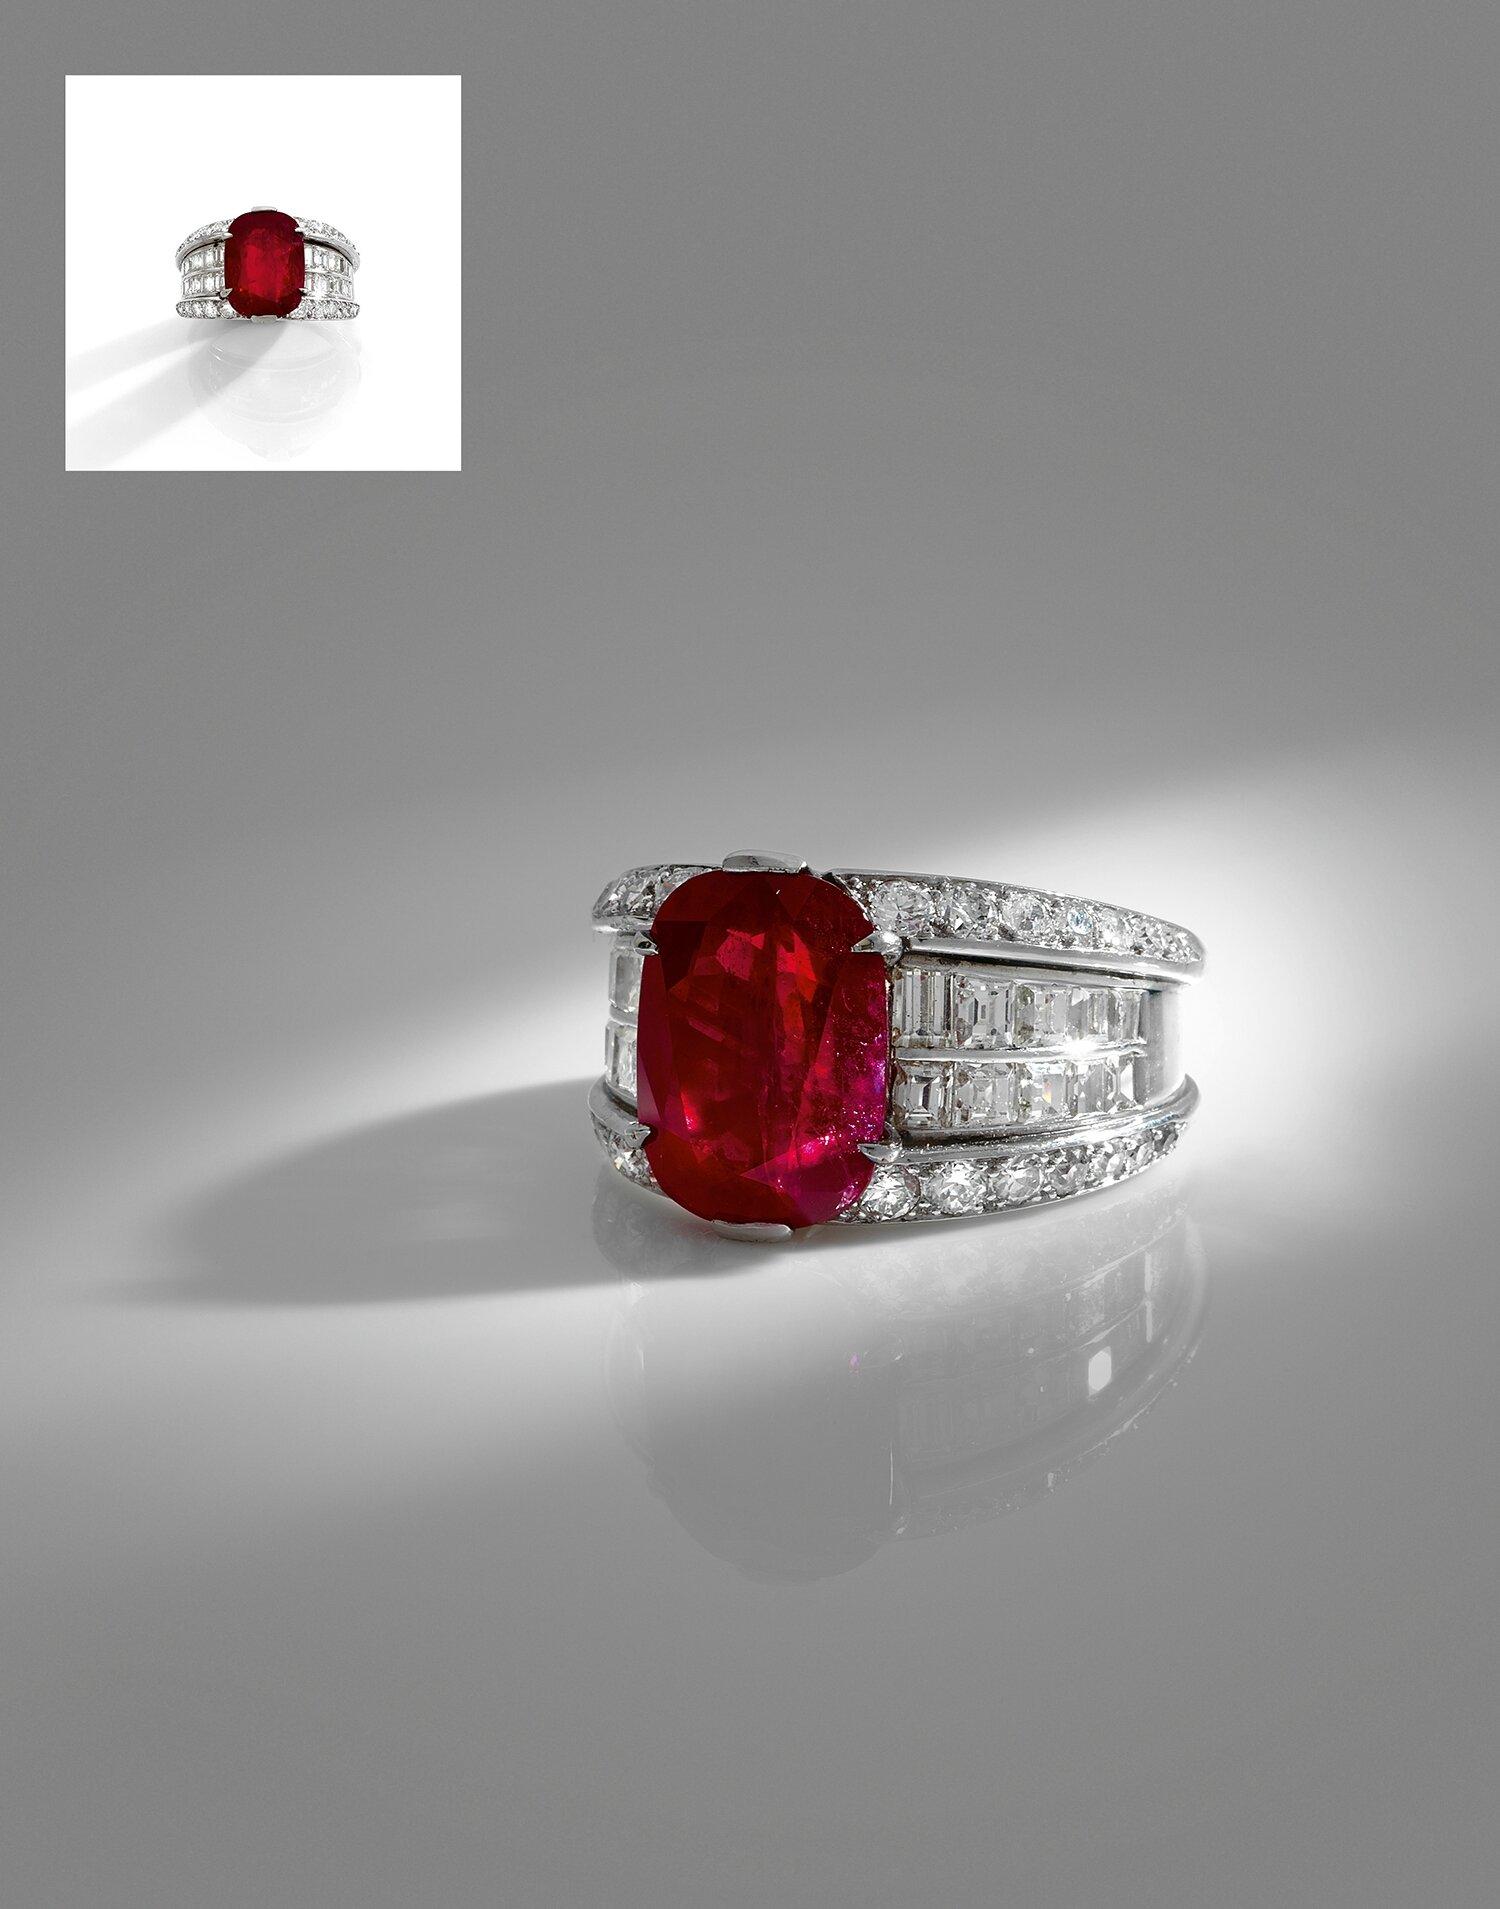 Importante bague diamants et un exceptionnel rubis Birman de taille coussin pesant 7,86 cts